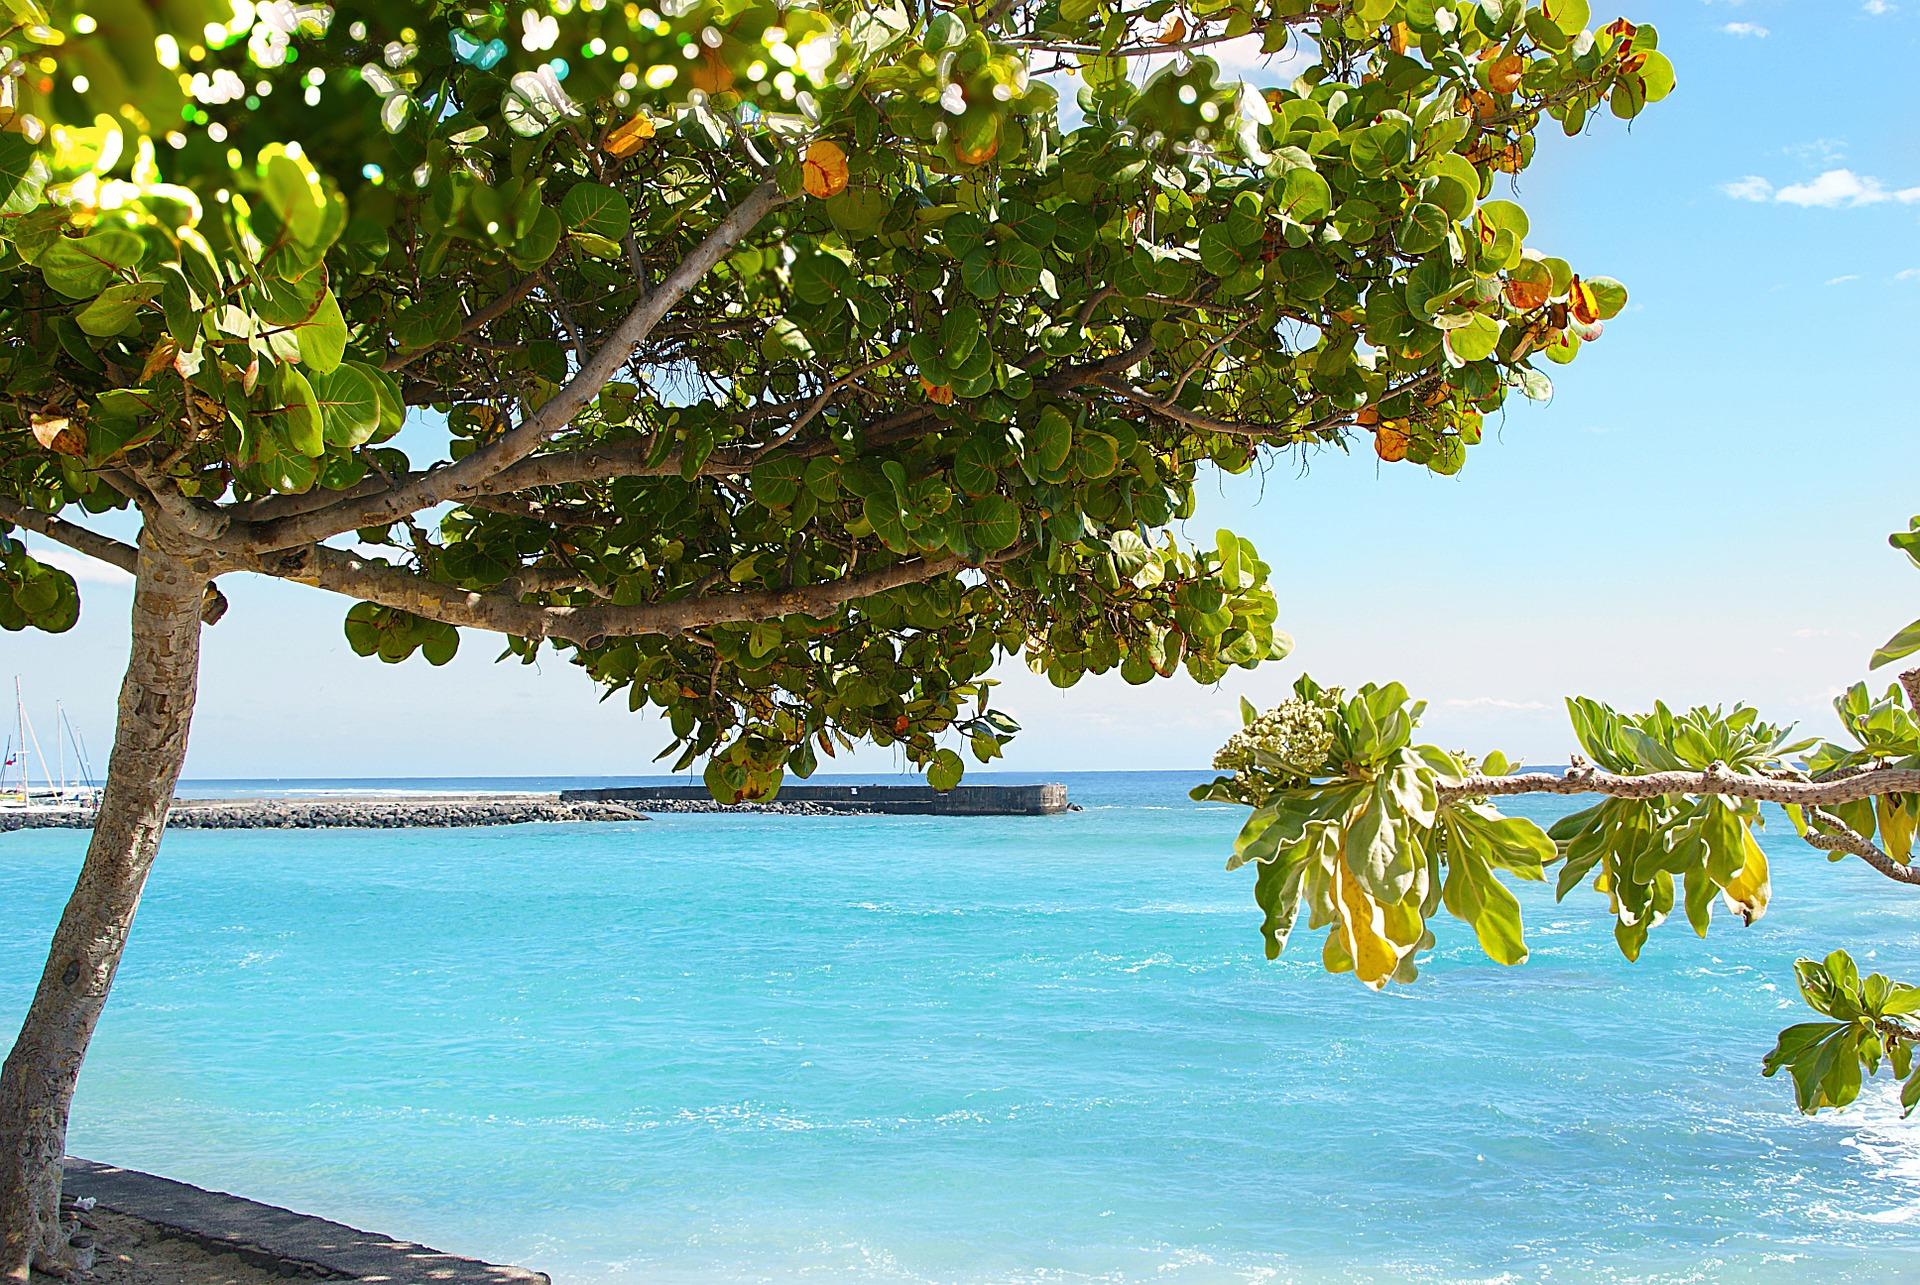 La Reunion Insel im indischen Ozean – Mauritius Nachbar Insel ab 1242,00€ Urlaubdeals